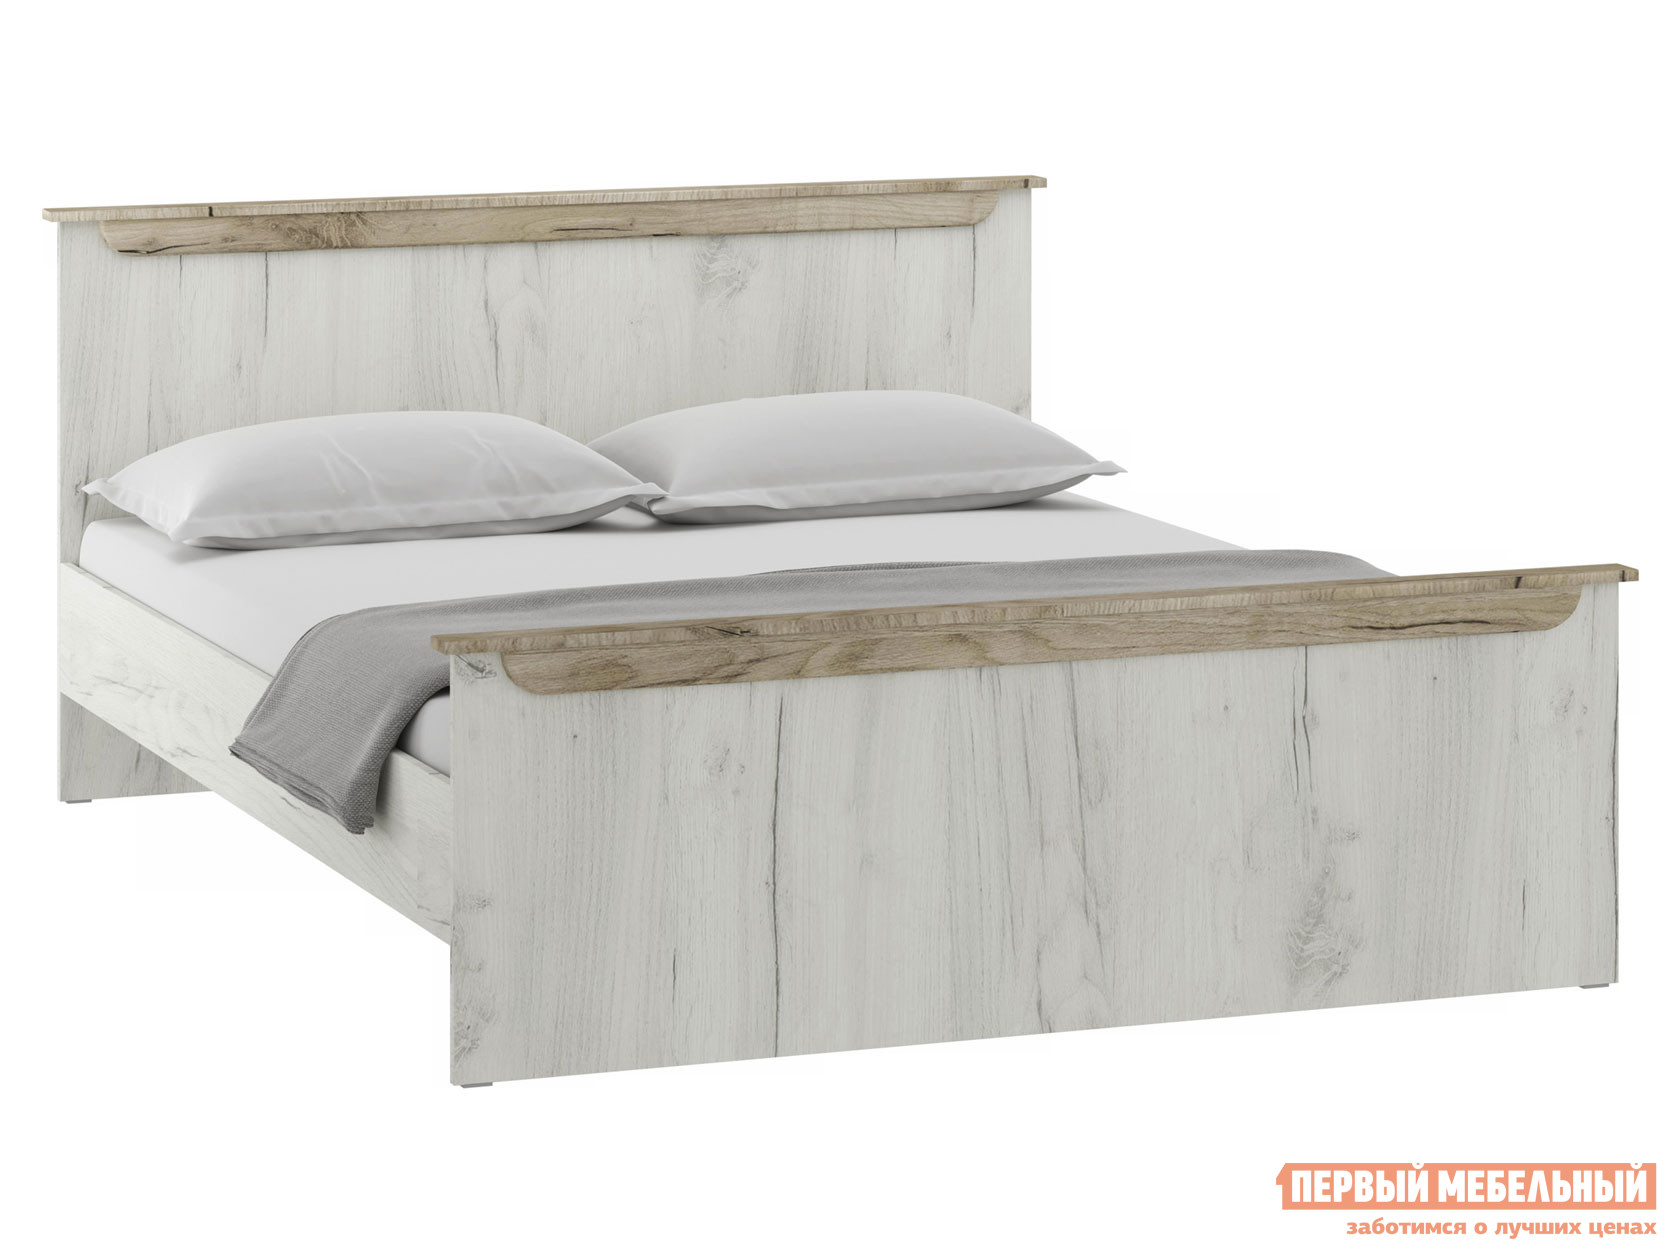 Двуспальная кровать НК-Мебель ПРАГА кровать 1600х2000 72030094